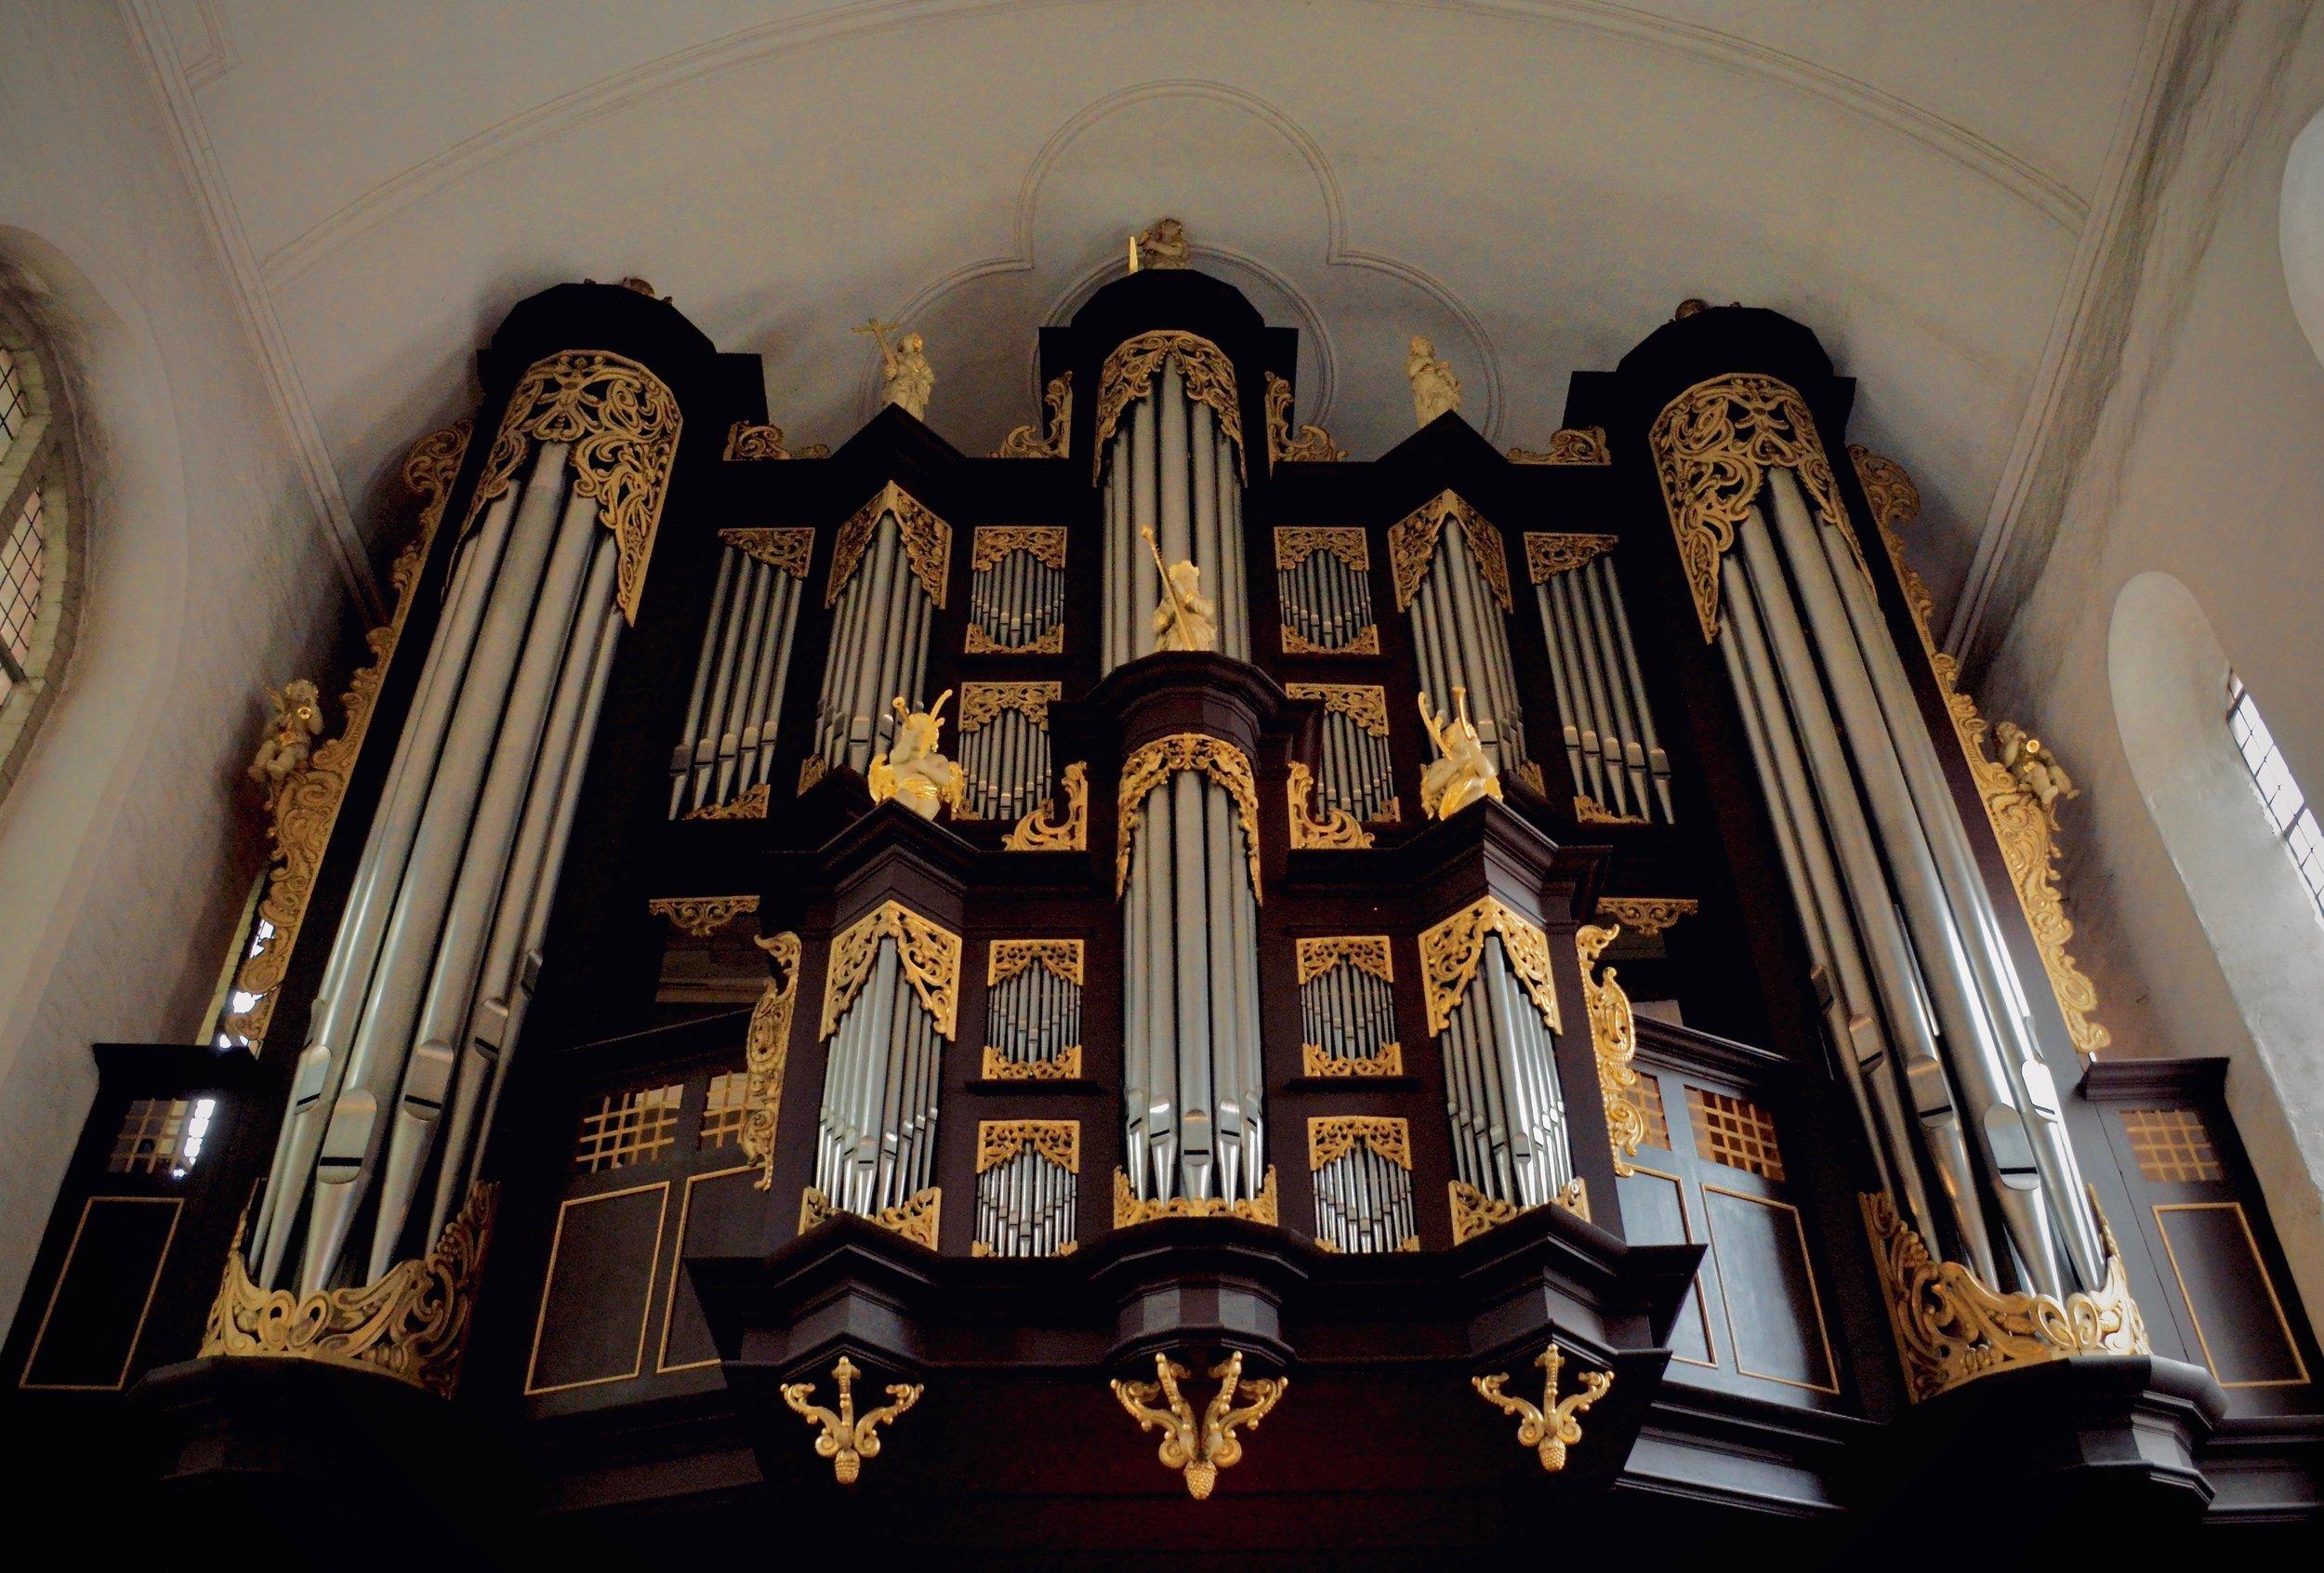 Schnitger organ, Stade.